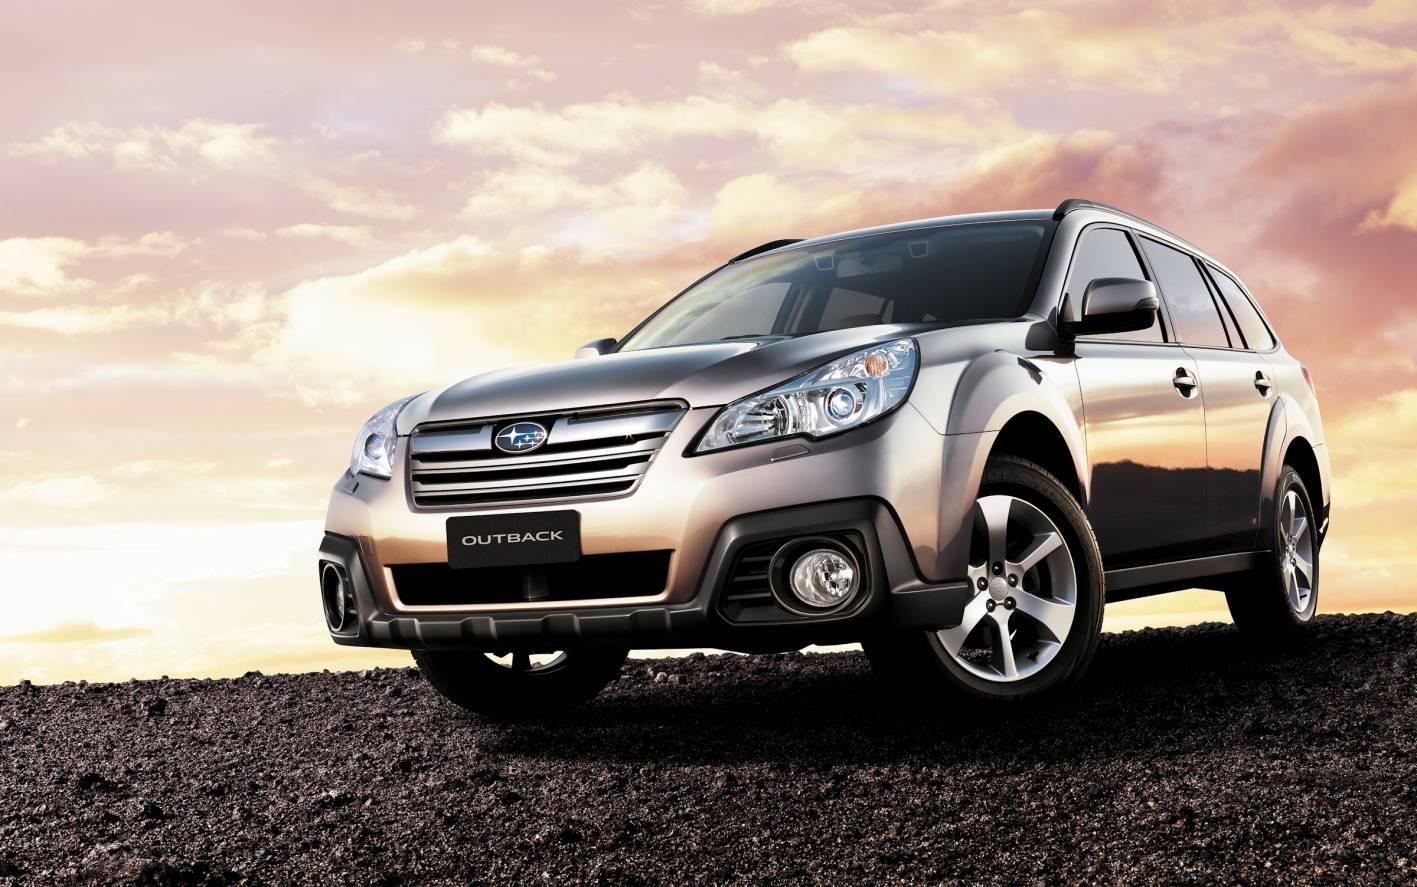 Une nouvelle version du Subaru Outback à découvrir ce printemps